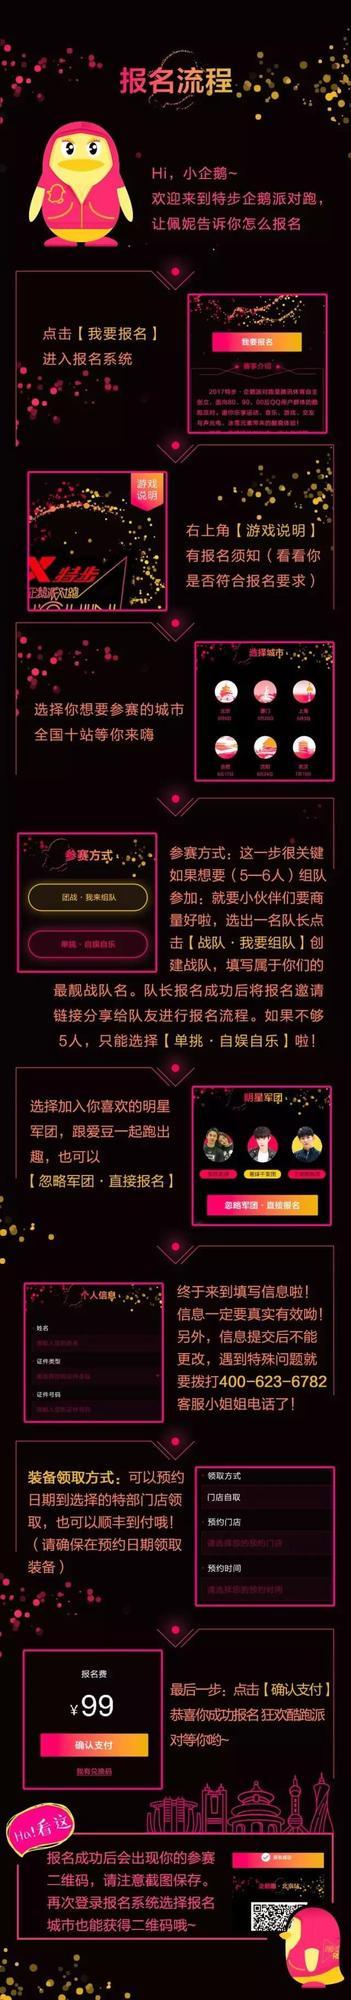 袁娅维助阵特步企鹅跑 8月26日广州嗨翻全场